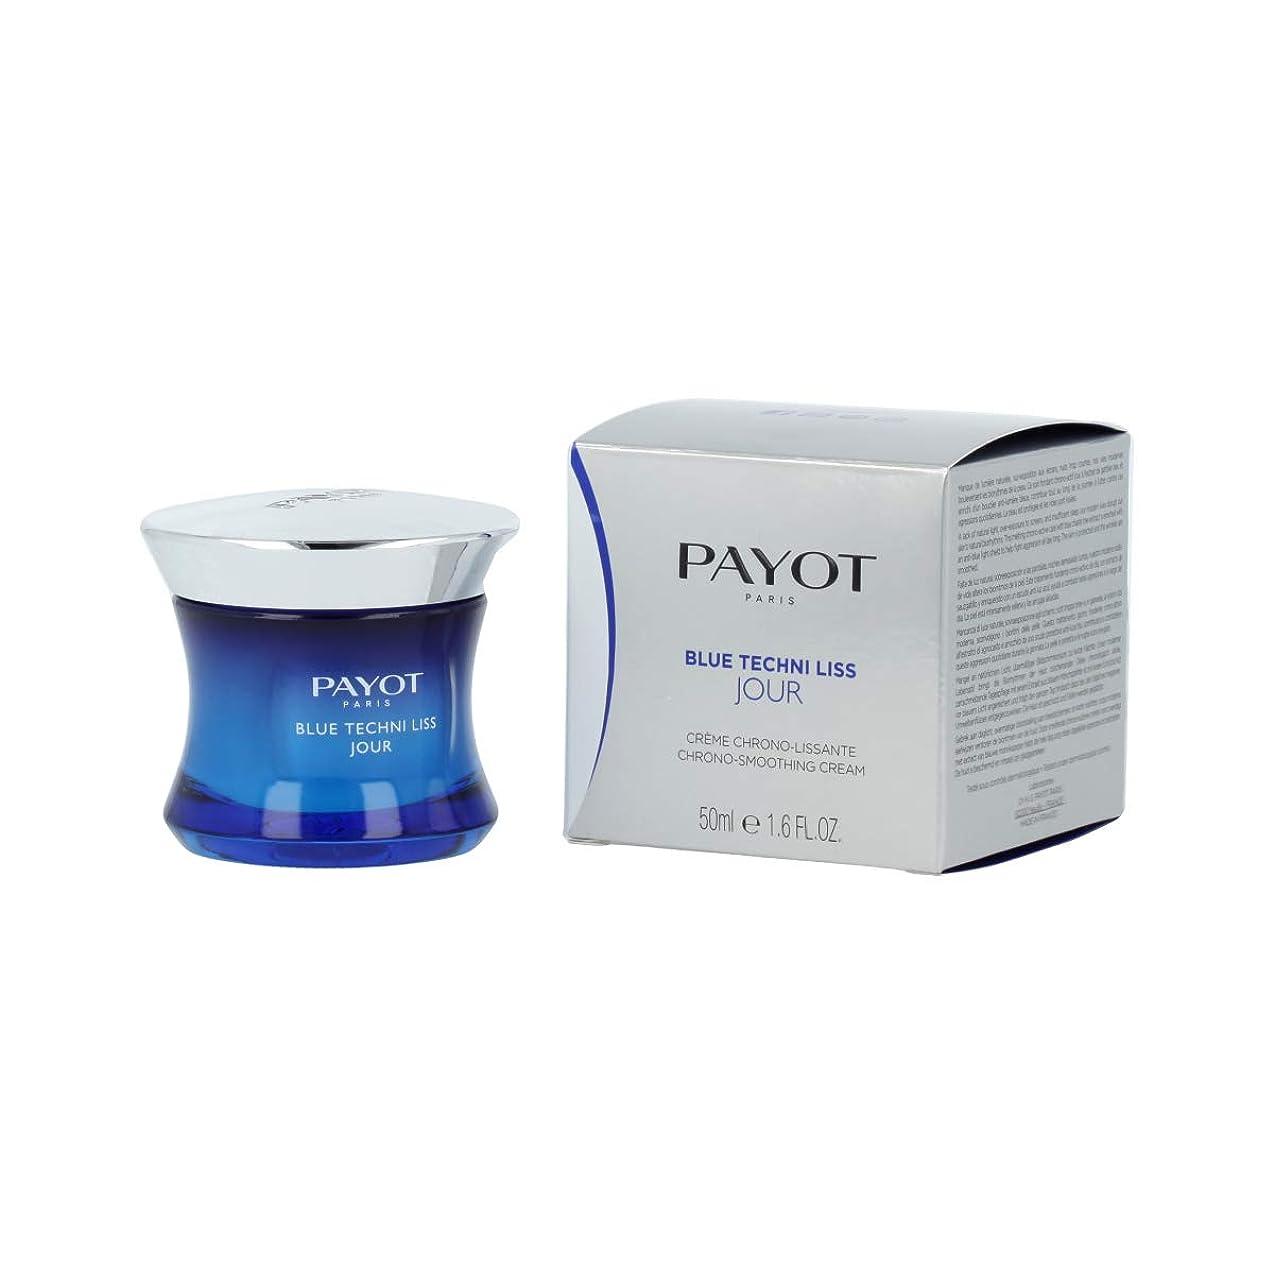 鯨達成する簡略化するパイヨ Blue Techni Liss Jour Chrono-Smoothing Cream 50ml/1.6oz並行輸入品